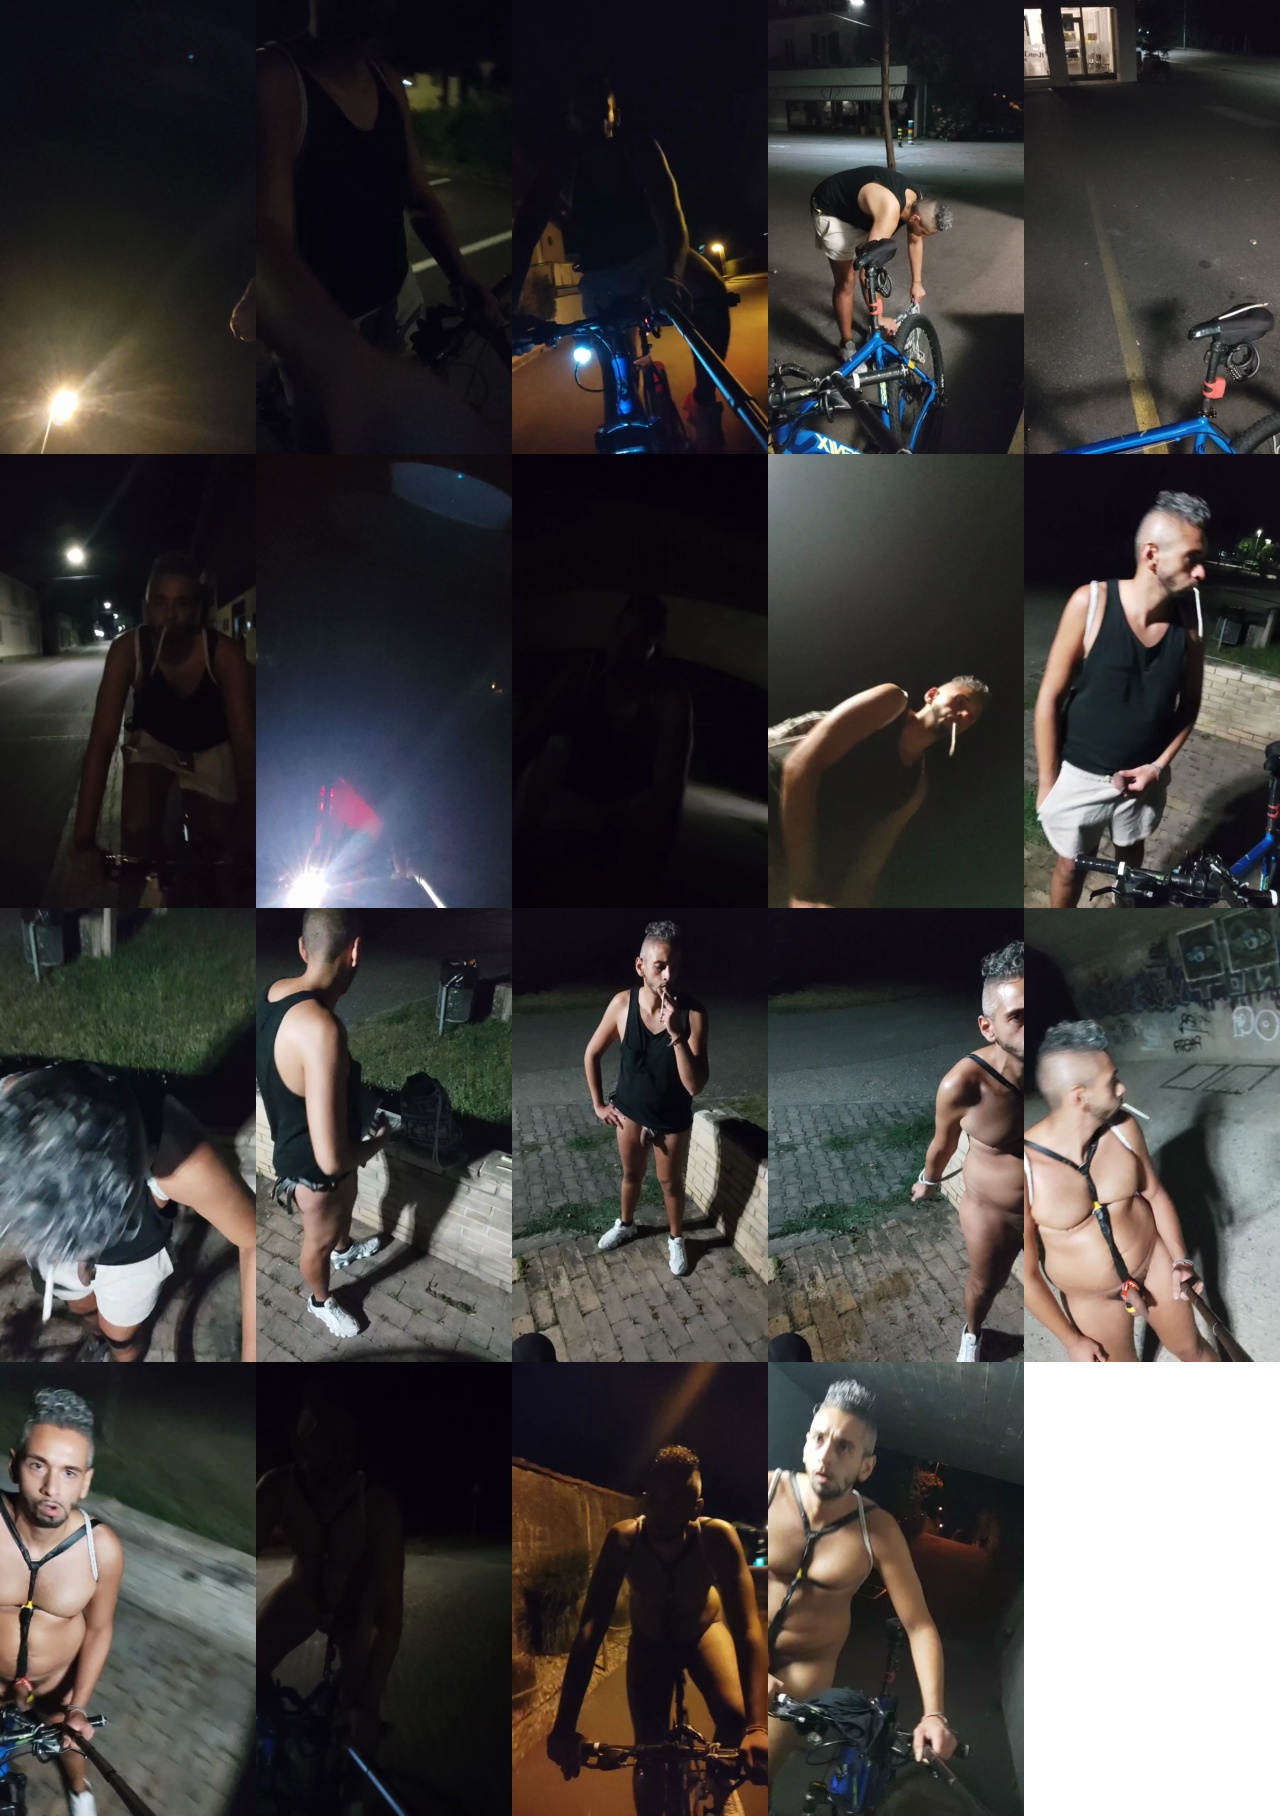 LUEGnur 01-08-2020 Cam4